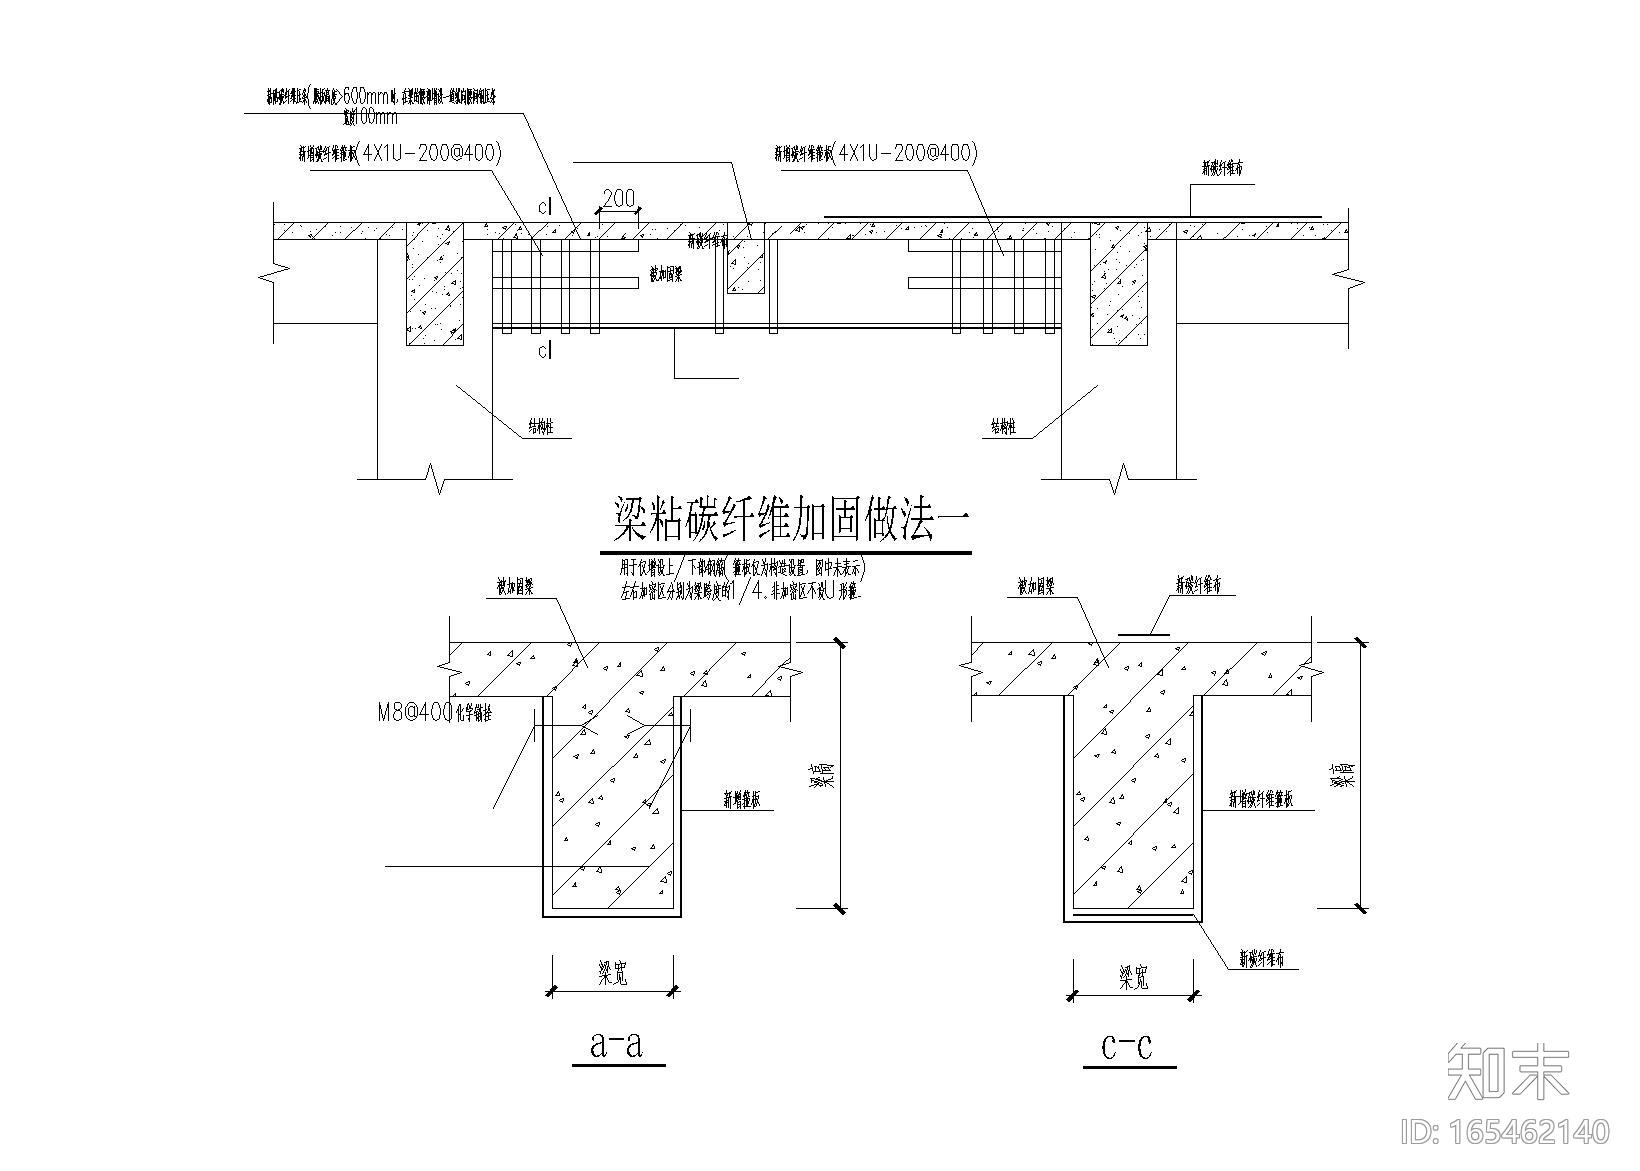 16层钢混高层建筑屋面改造加固工程施工图(2017)施工图下载【ID:165462140】